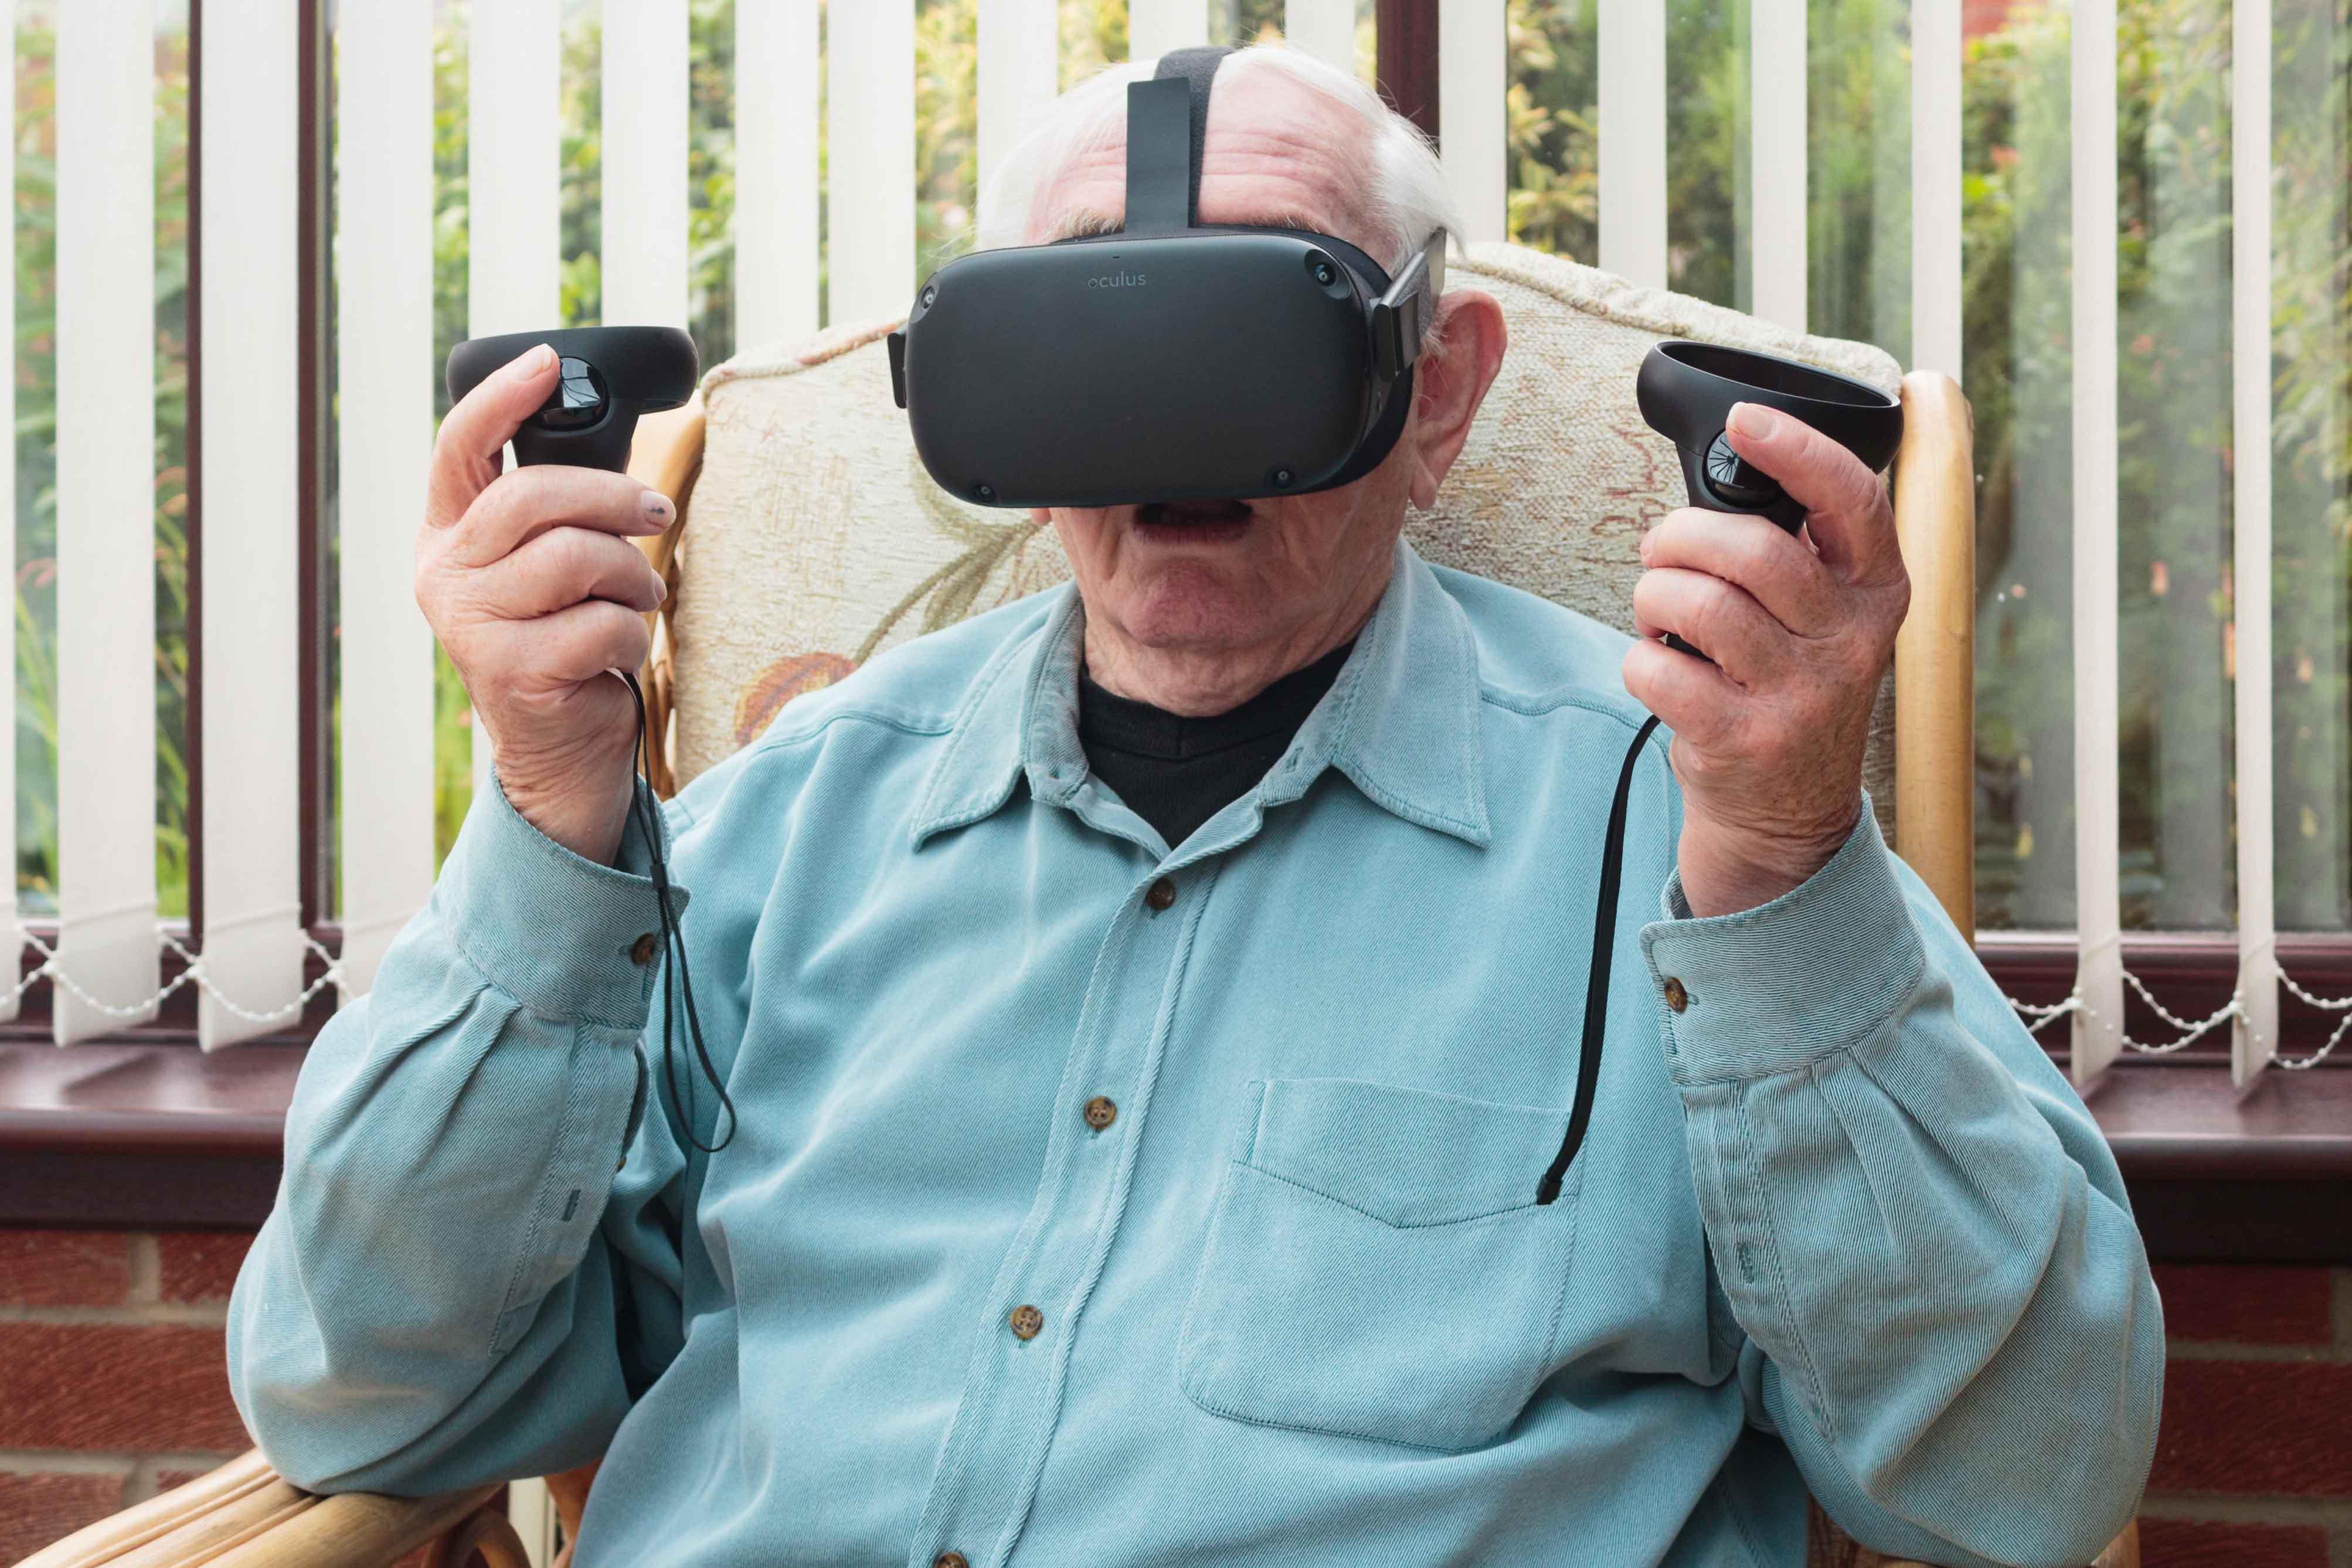 Elderly man dsat in a chair wearing a VR headset